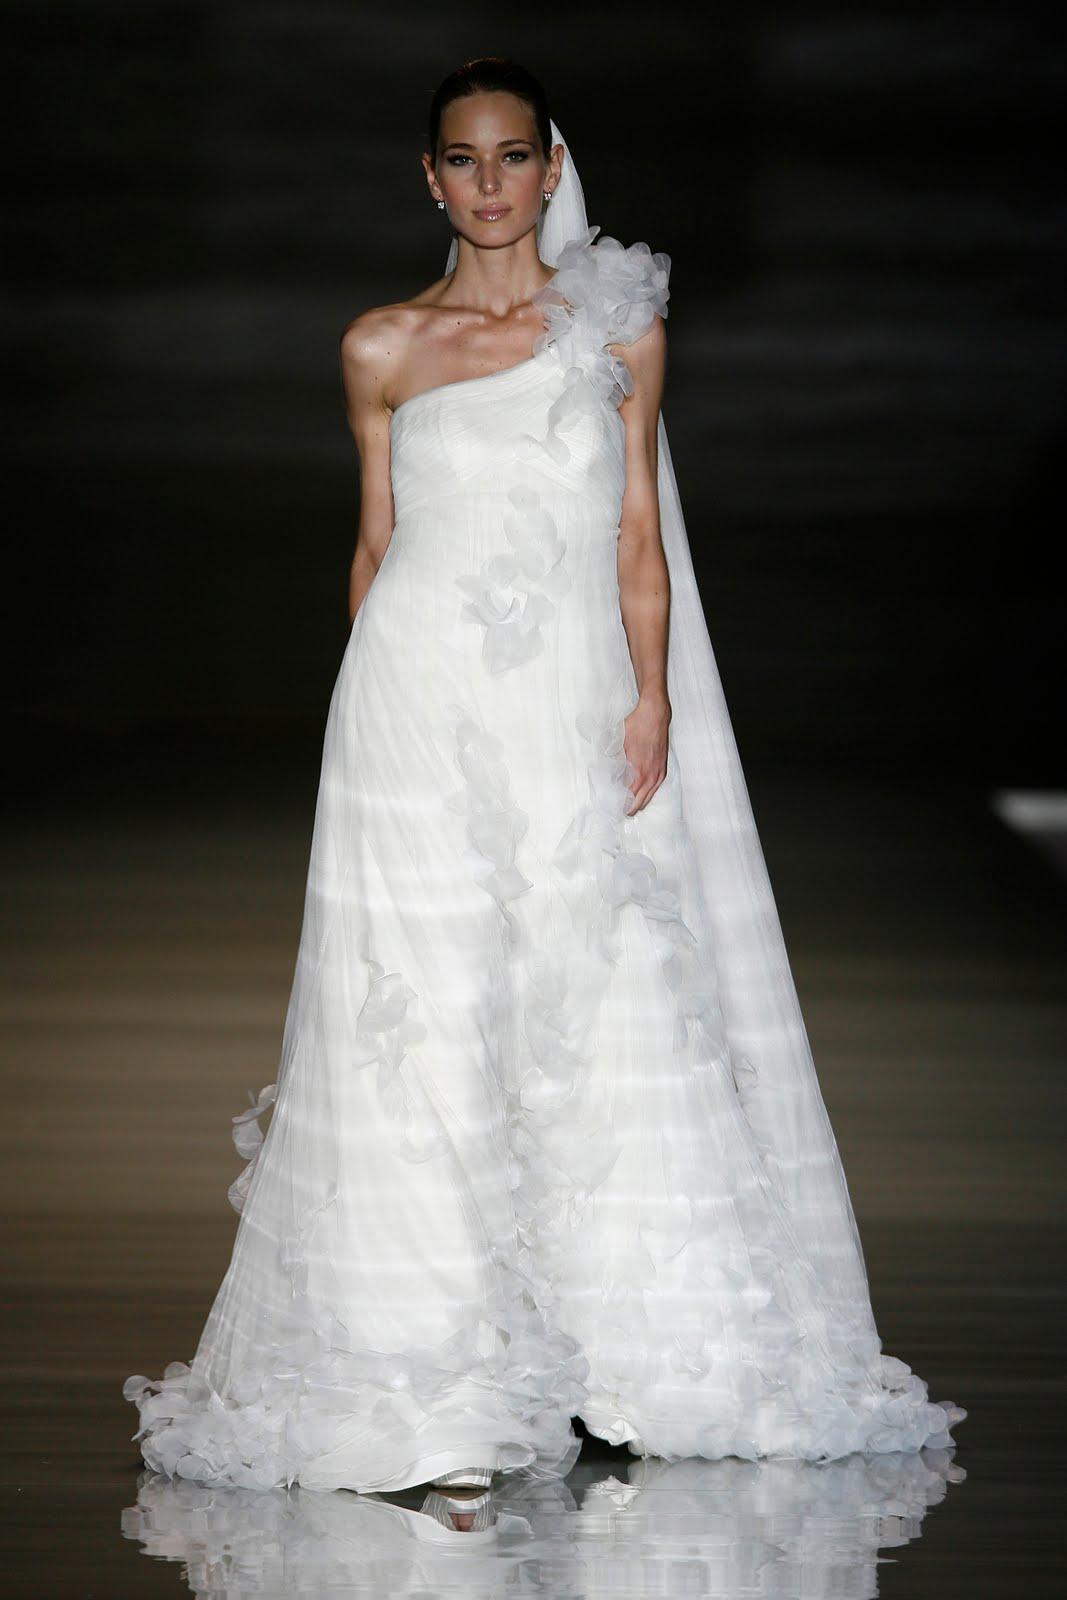 Ziemlich Brautkleider Lehigh Valley Pa Ideen - Hochzeit Kleid Stile ...